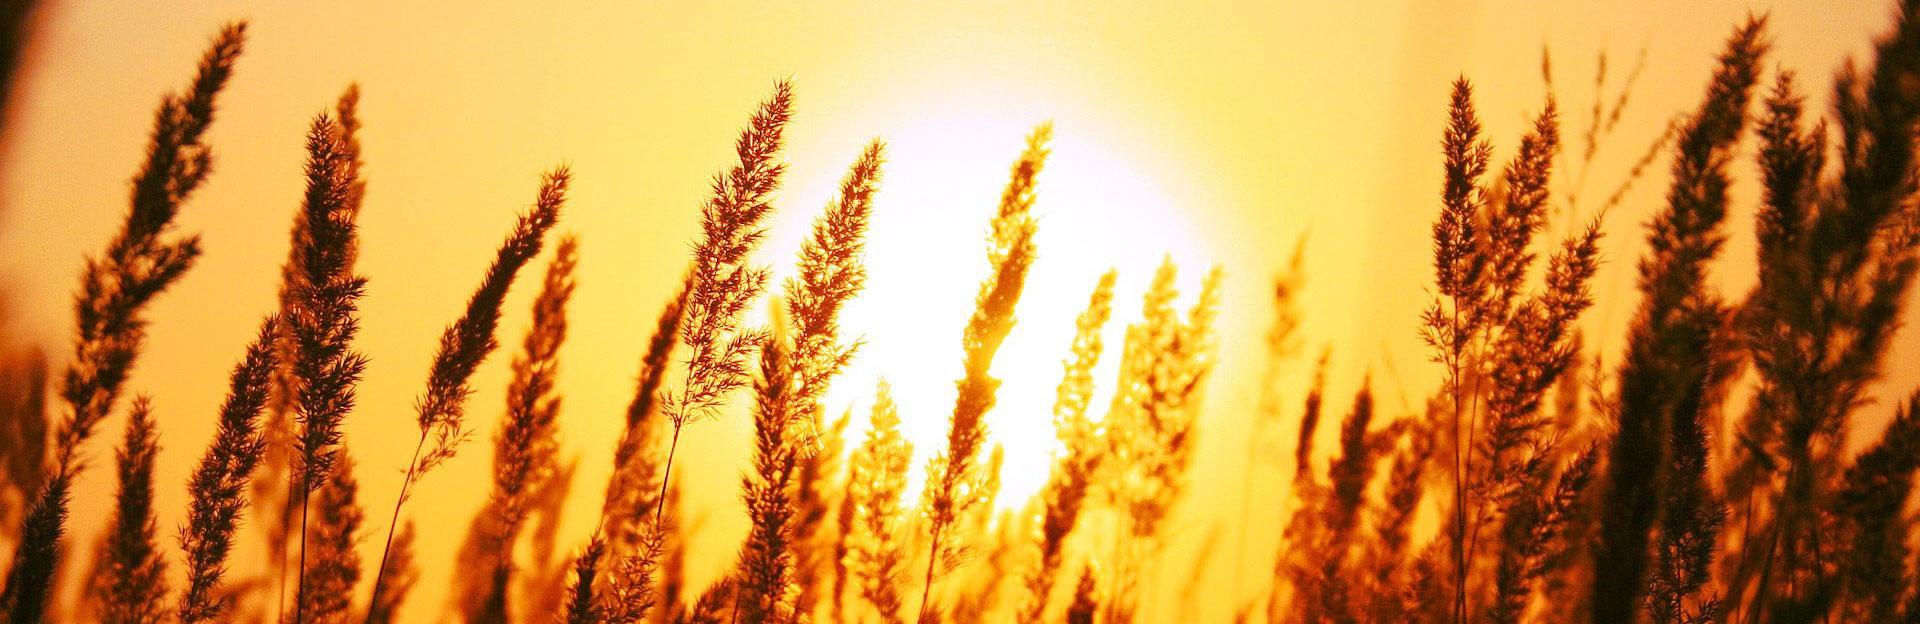 tramonto-grano